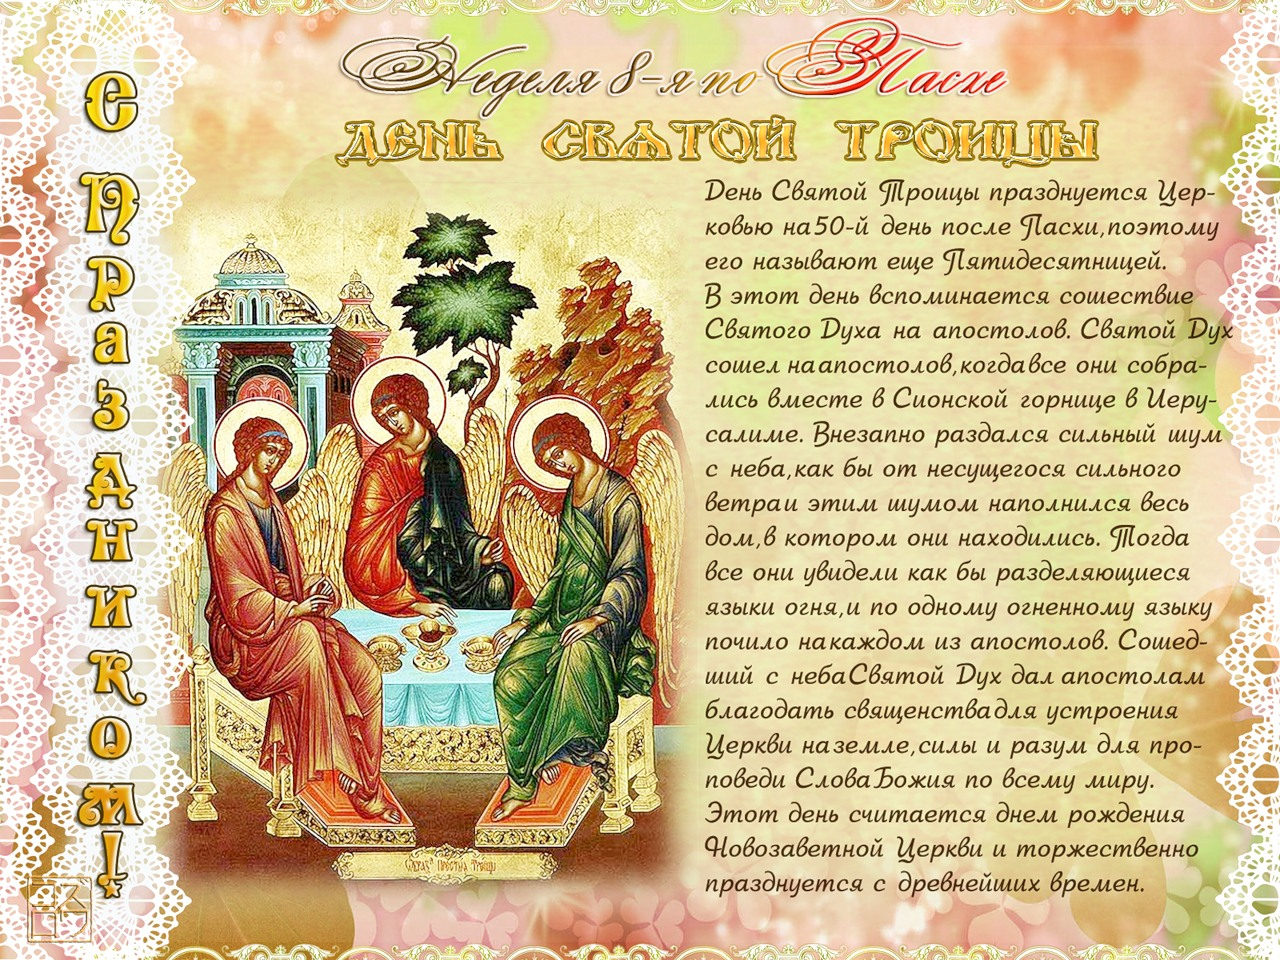 С днем святой троицы в прозе